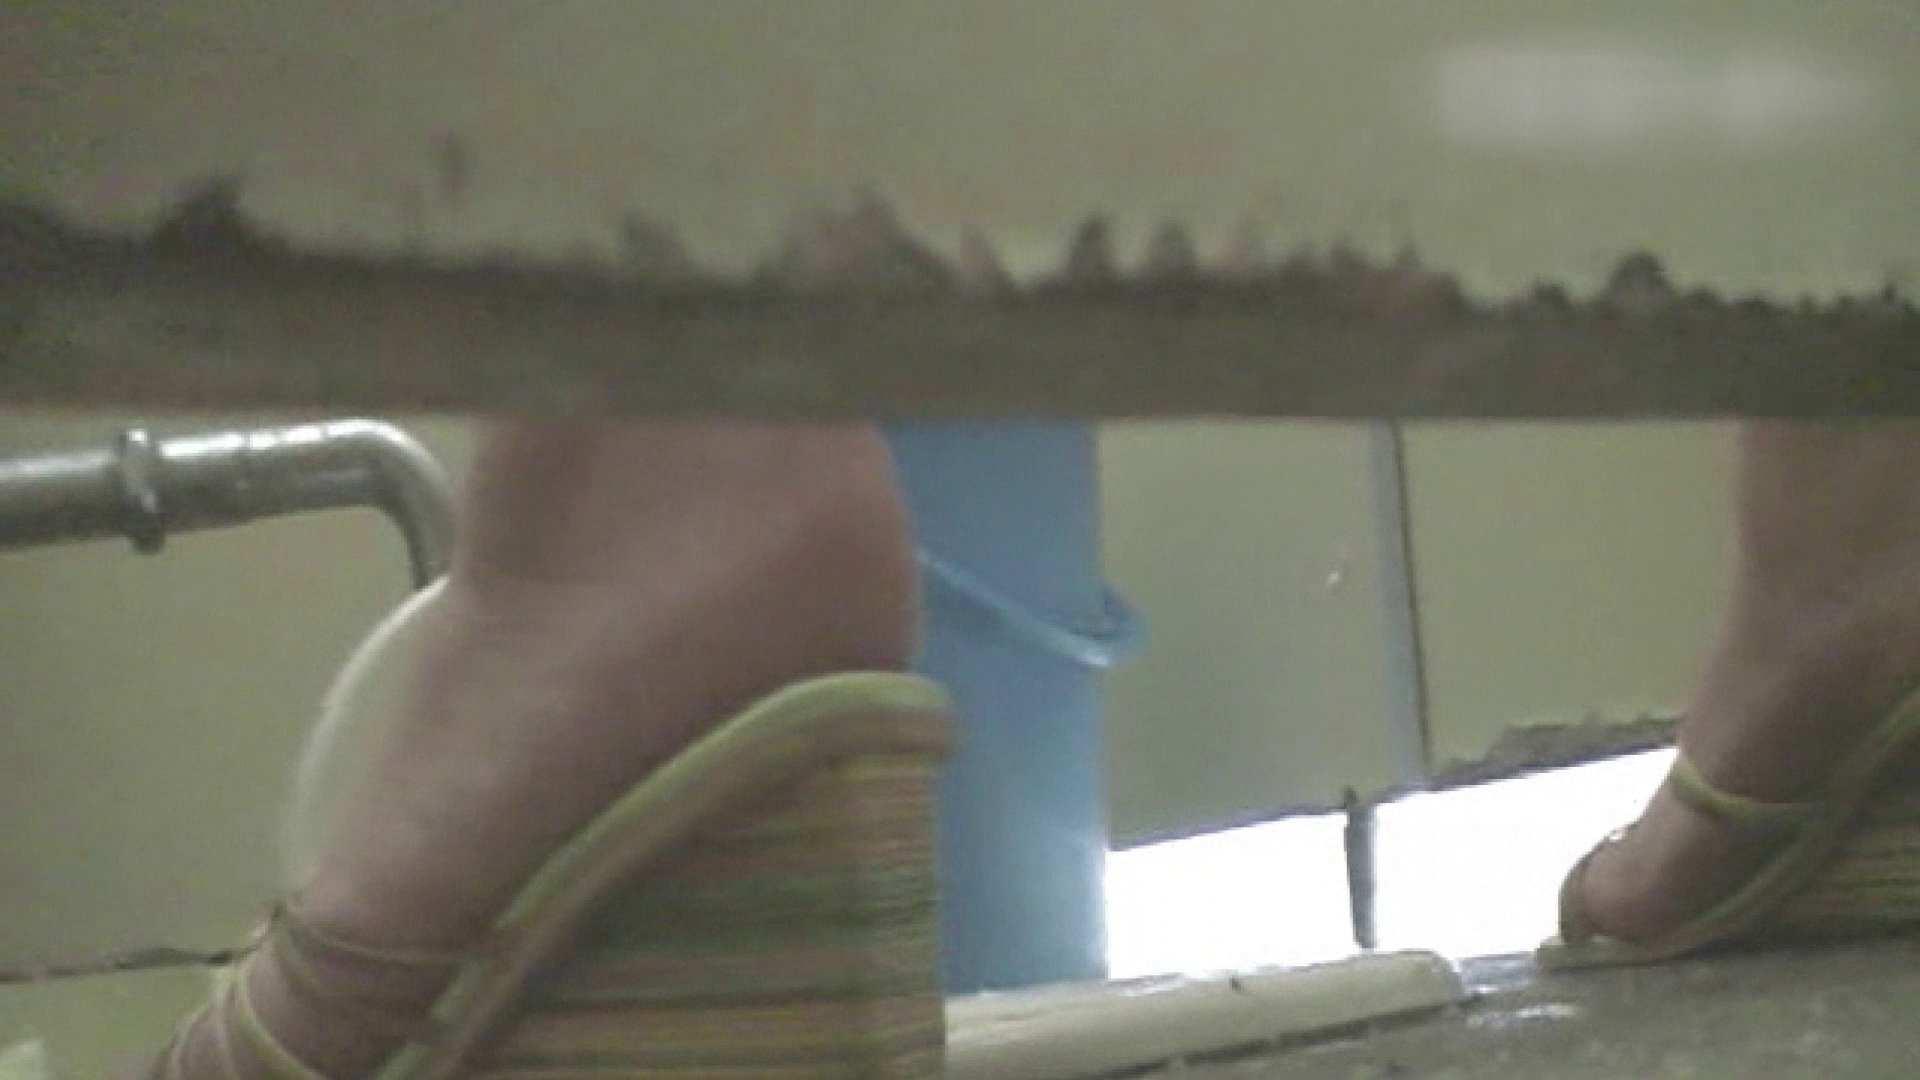 ロックハンドさんの盗撮記録File.07 マンコ・ムレムレ ワレメ動画紹介 77pic 4